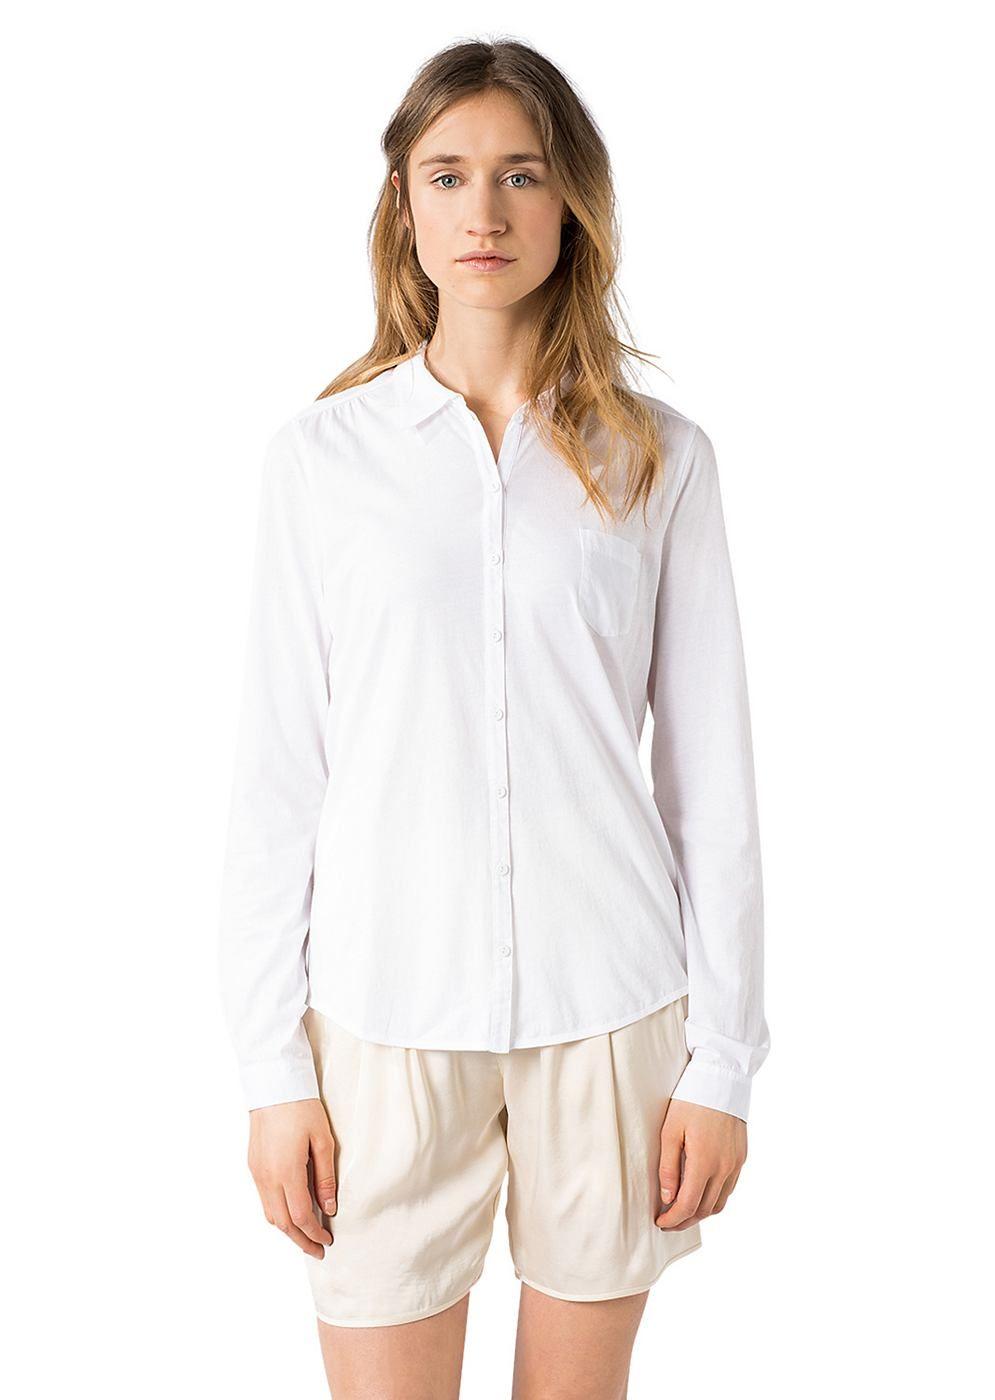 Langärmlige Hemd-Bluse aus einem sehr leichten Garment Dyed gefärbten Jersey aus 100% Baumwolle. Besondere Details sind die Stoff-Einsätze....